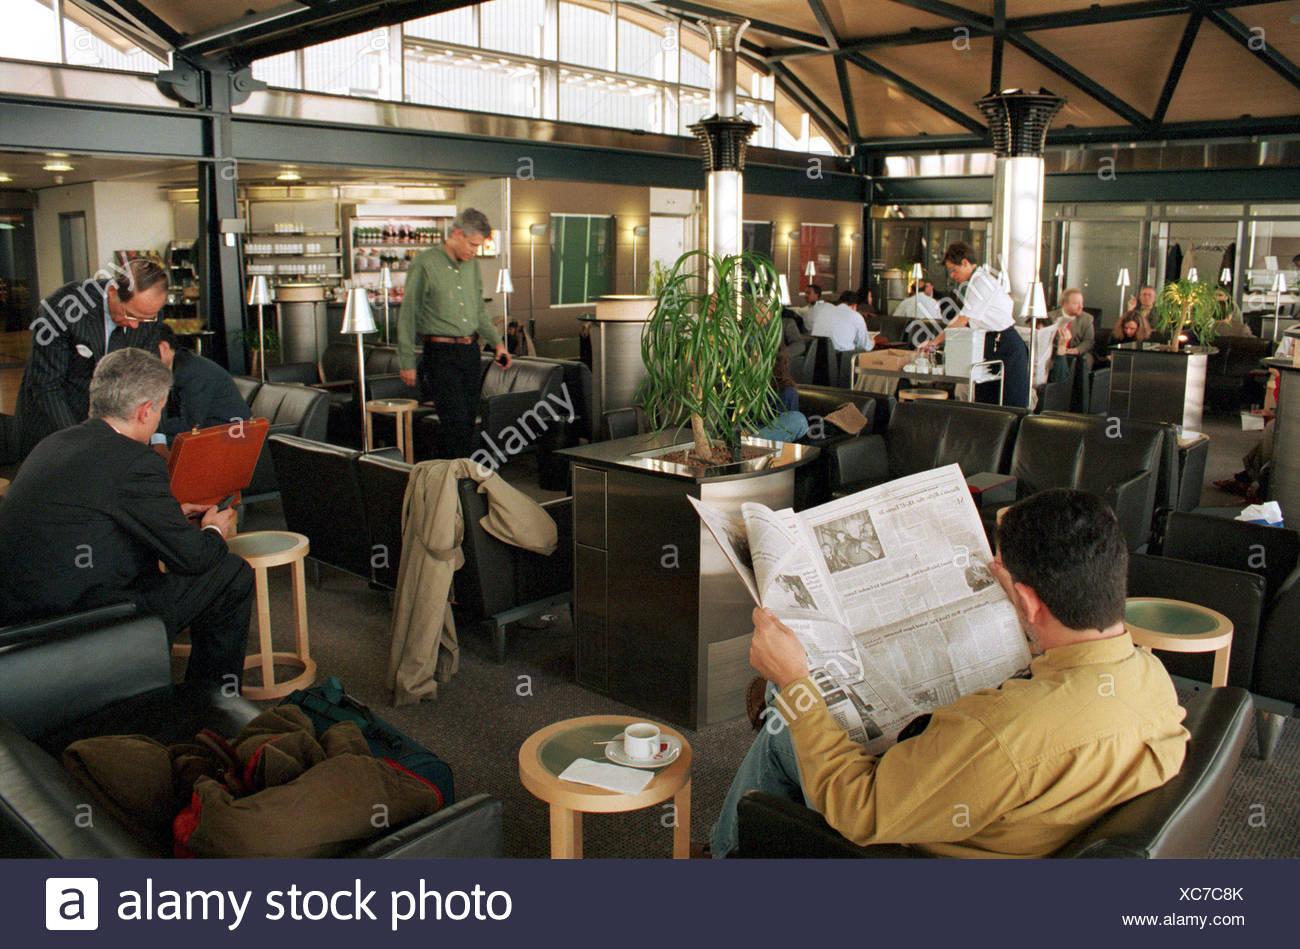 Switzerland, Zurich Airport Kloten - Stock Image